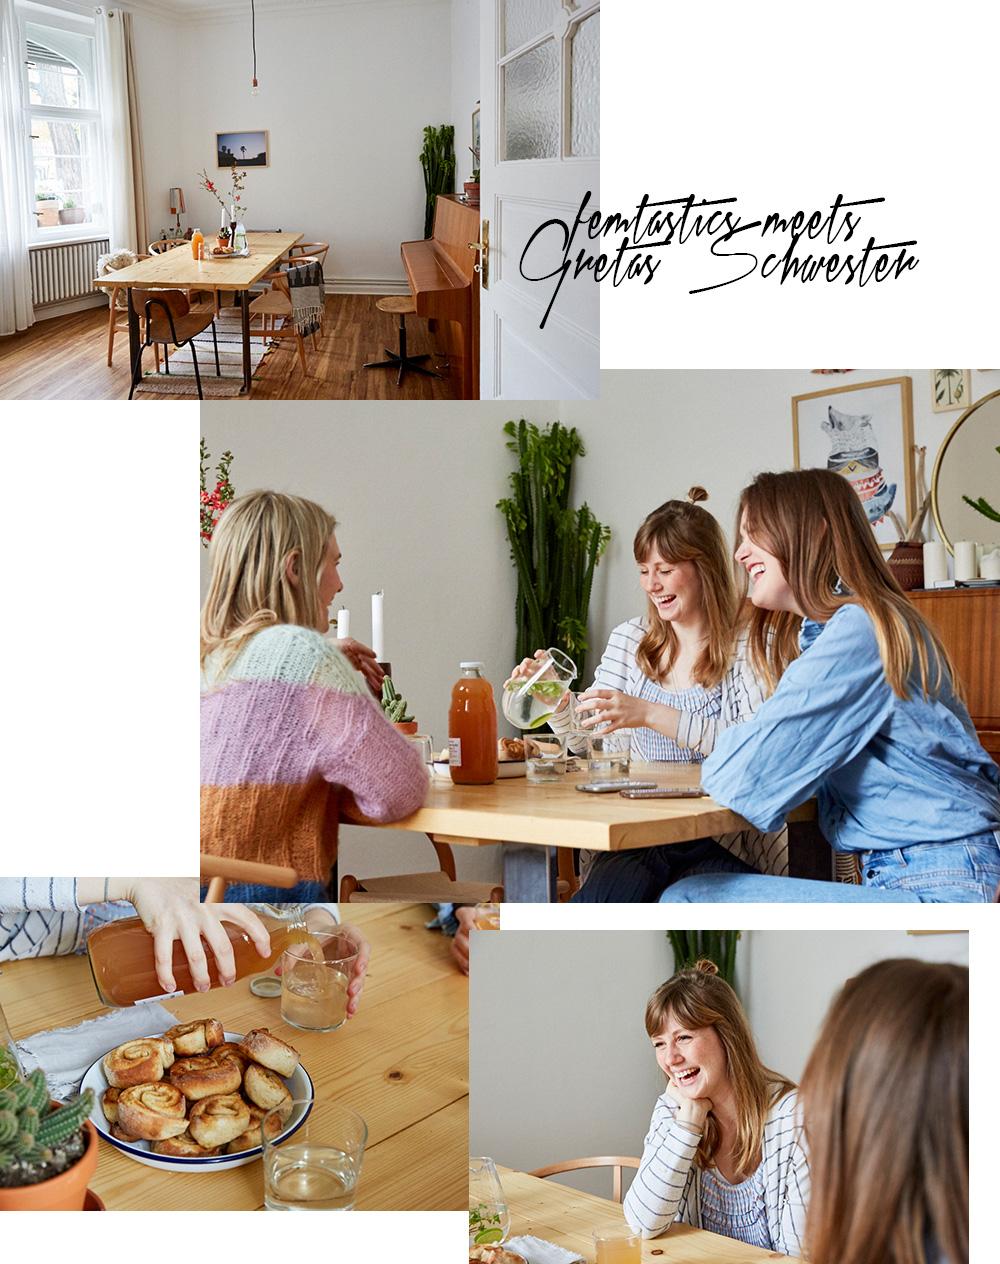 femtastics-Sarah-Neuendorf-Gretas-Schwester-Berlin-Home-Story